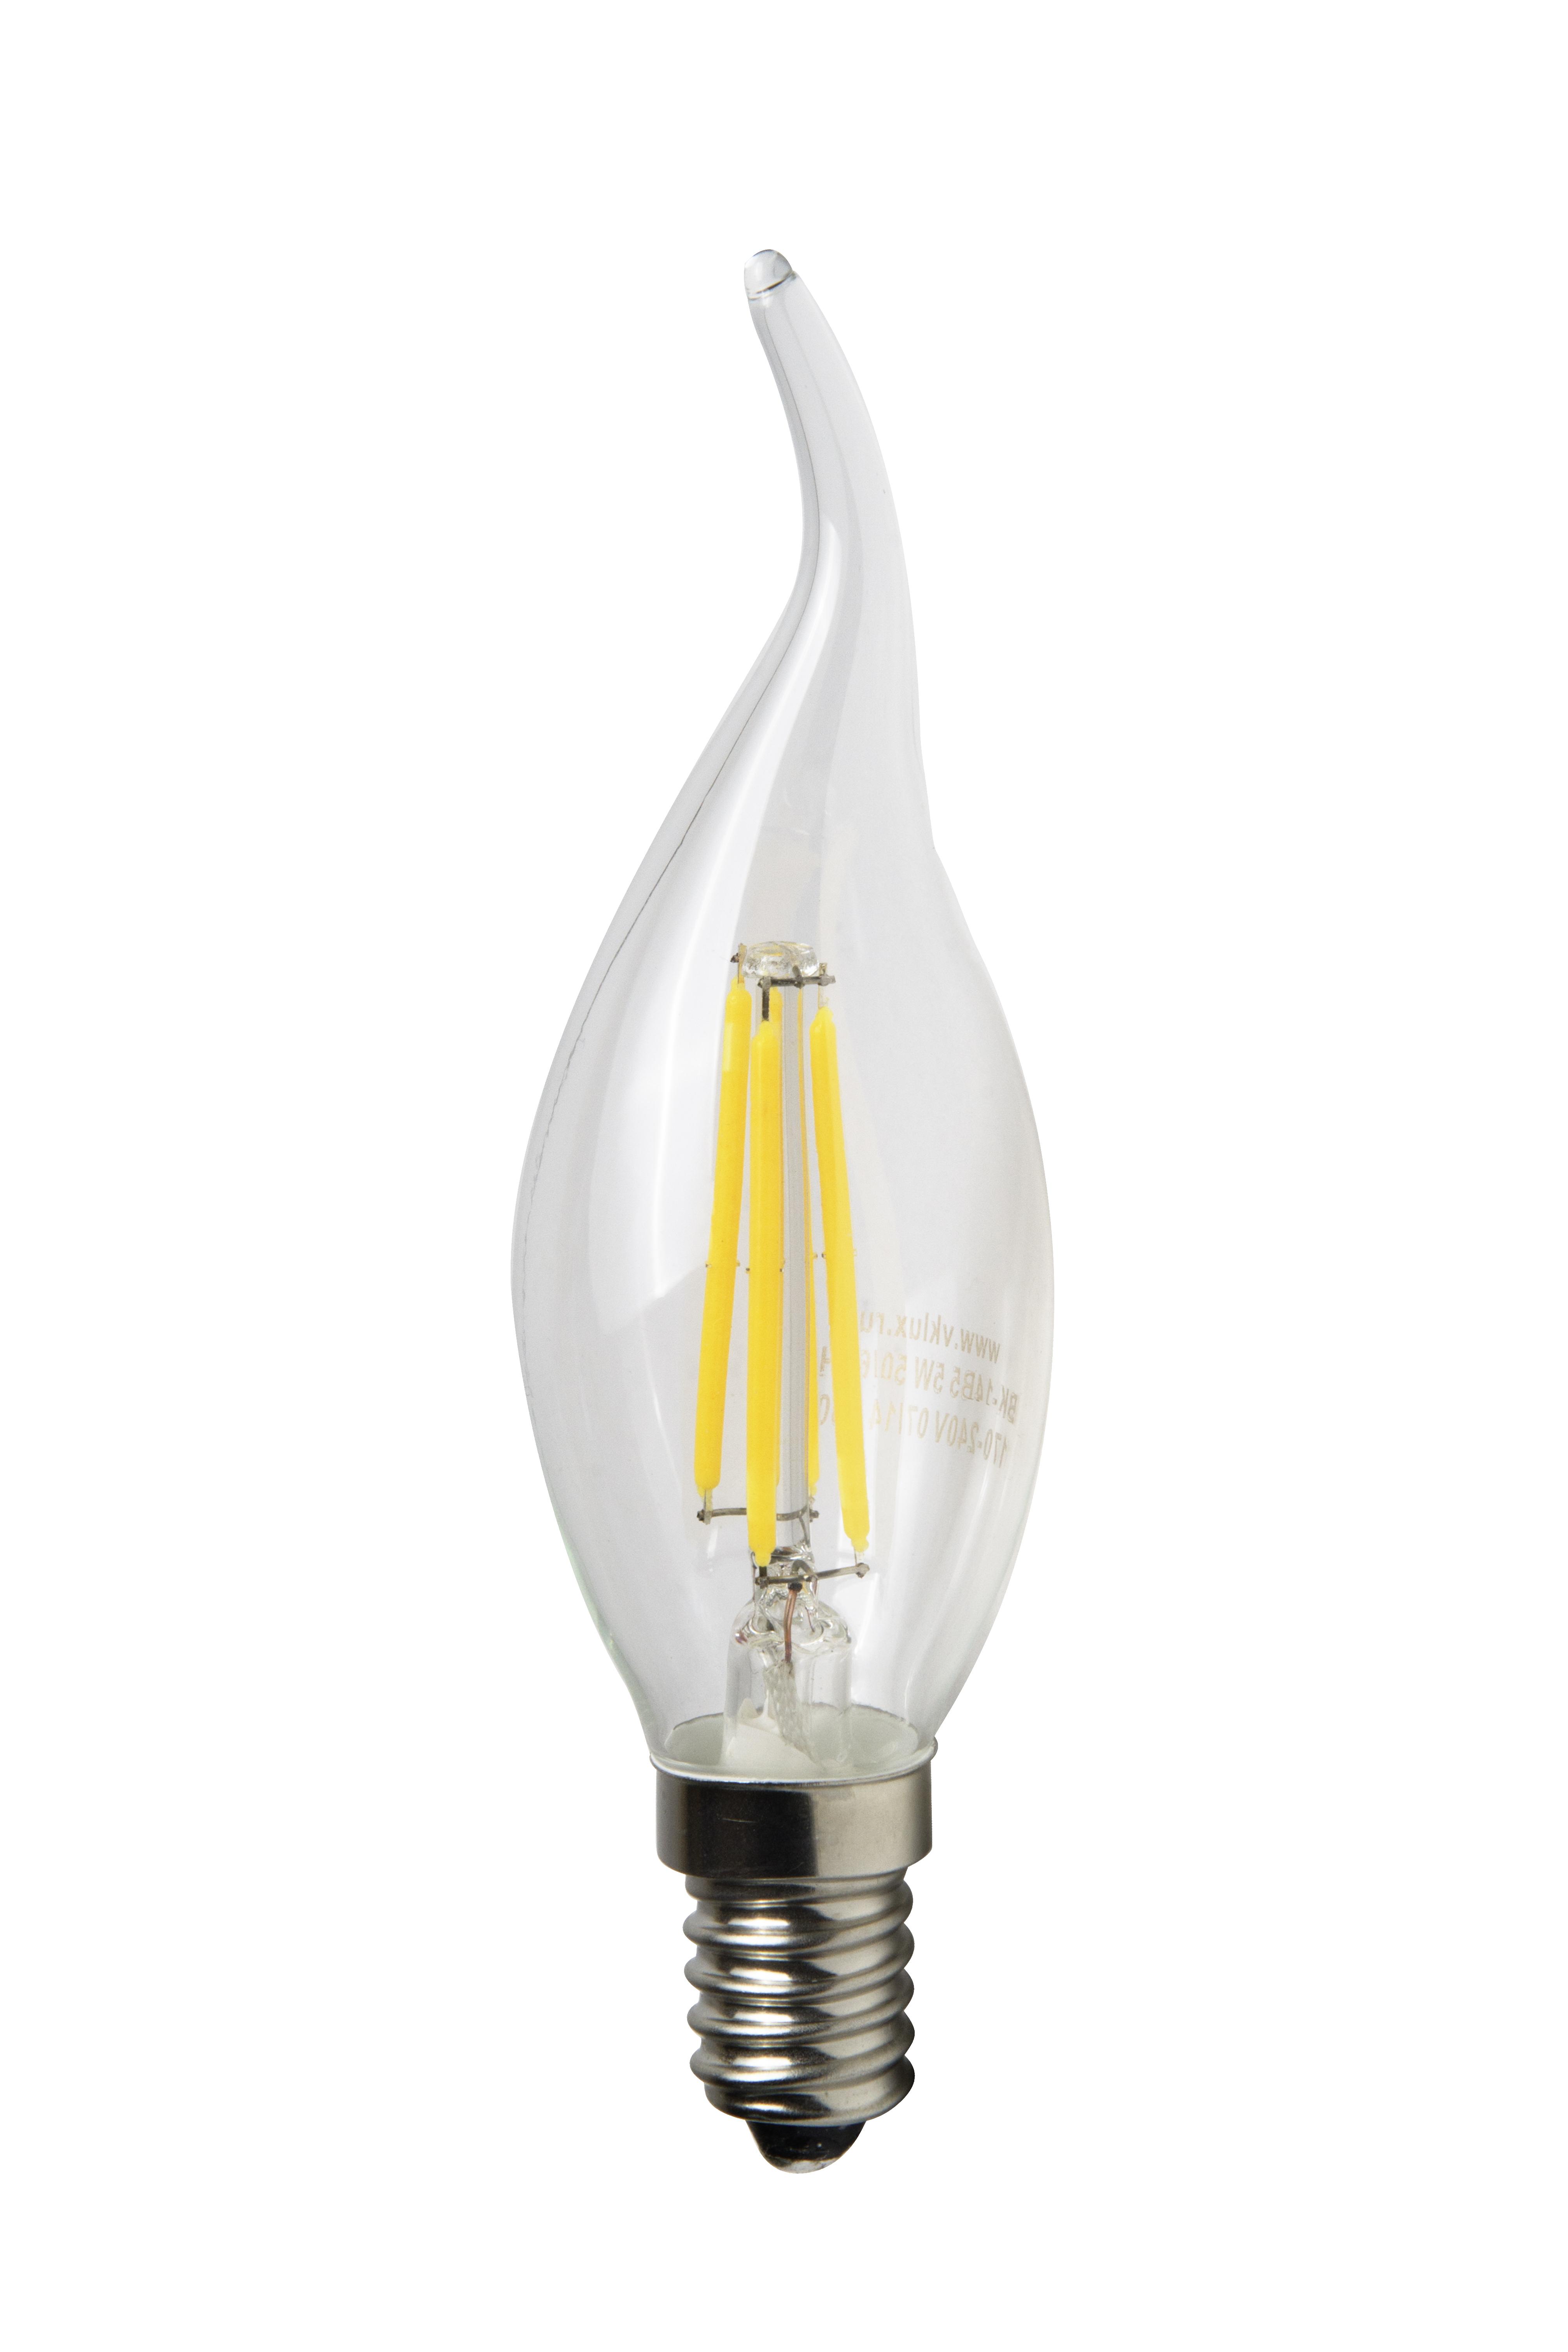 Светодиодная лампа Виктел BK-14W5CF30, E14, 5W, 3000K, 550Лм Свеча на ветру